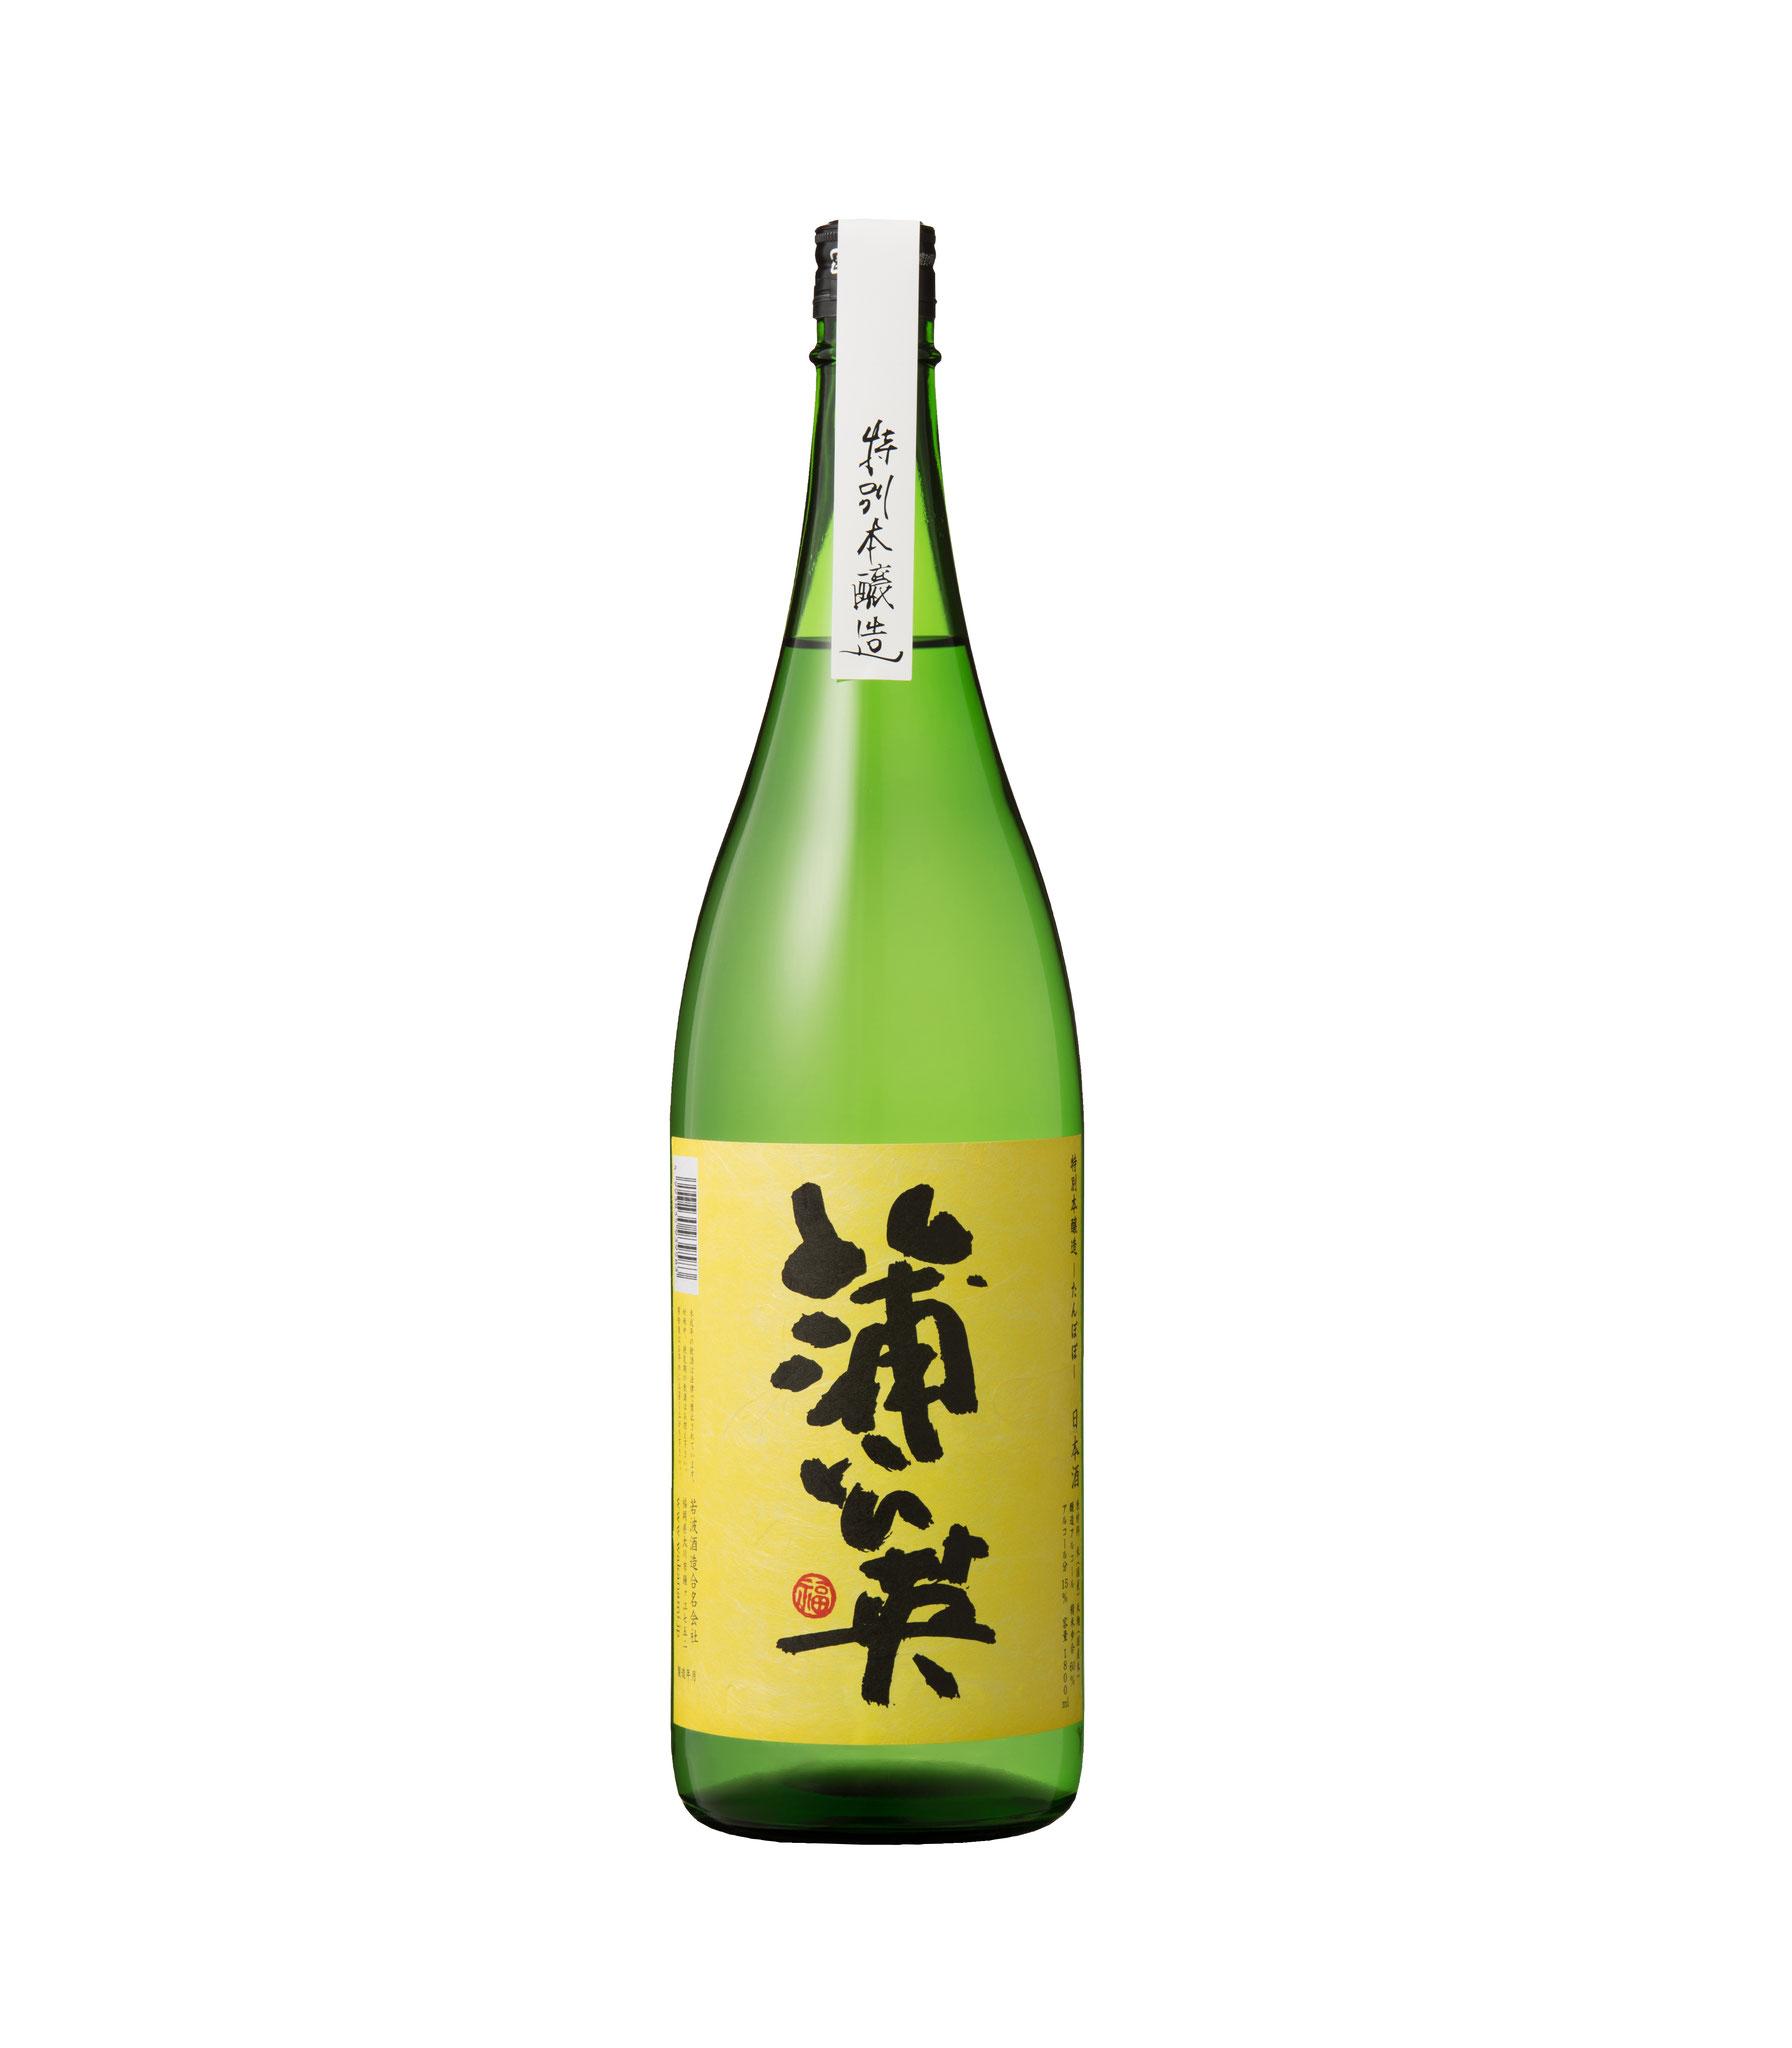 特別本醸造 蒲公英(たんぽぽ)